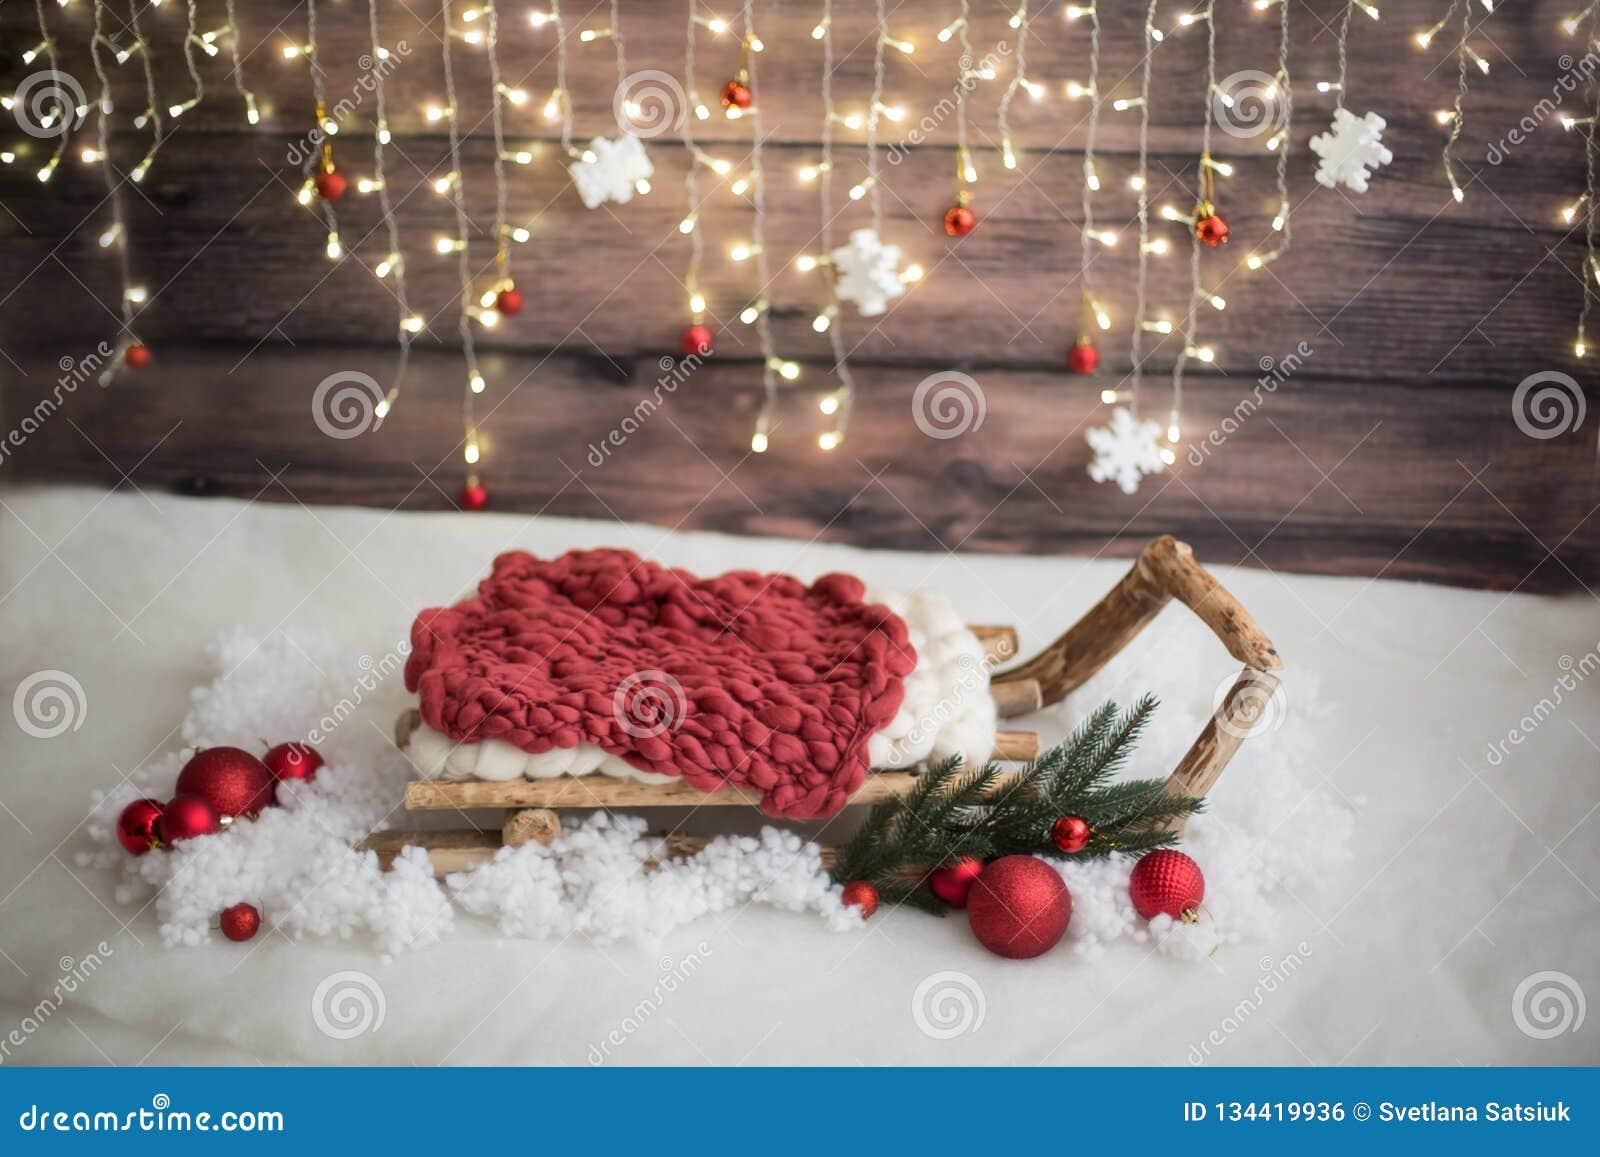 Ζώνη φωτογραφιών Χριστουγέννων λευκό απομόνωσης ντεκόρ Χριστουγέννων τεχνητό χιόνι